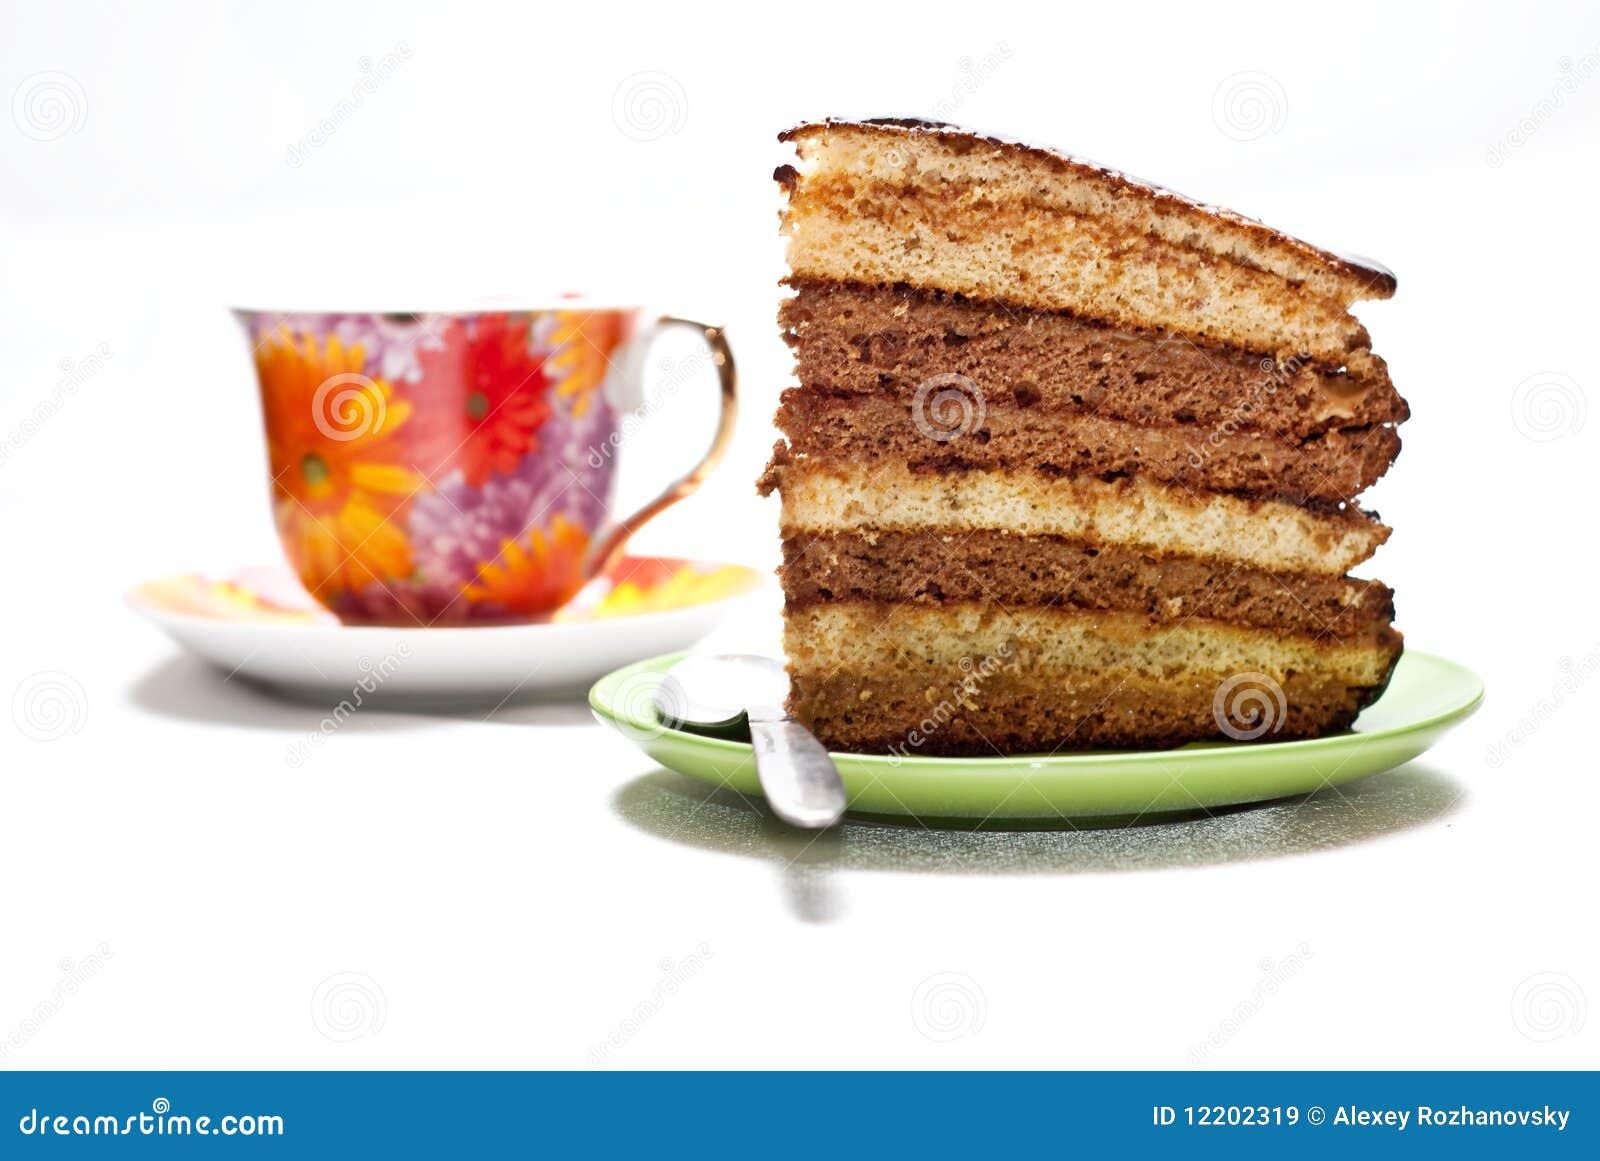 Kuchen mit Tee oder Kaffee